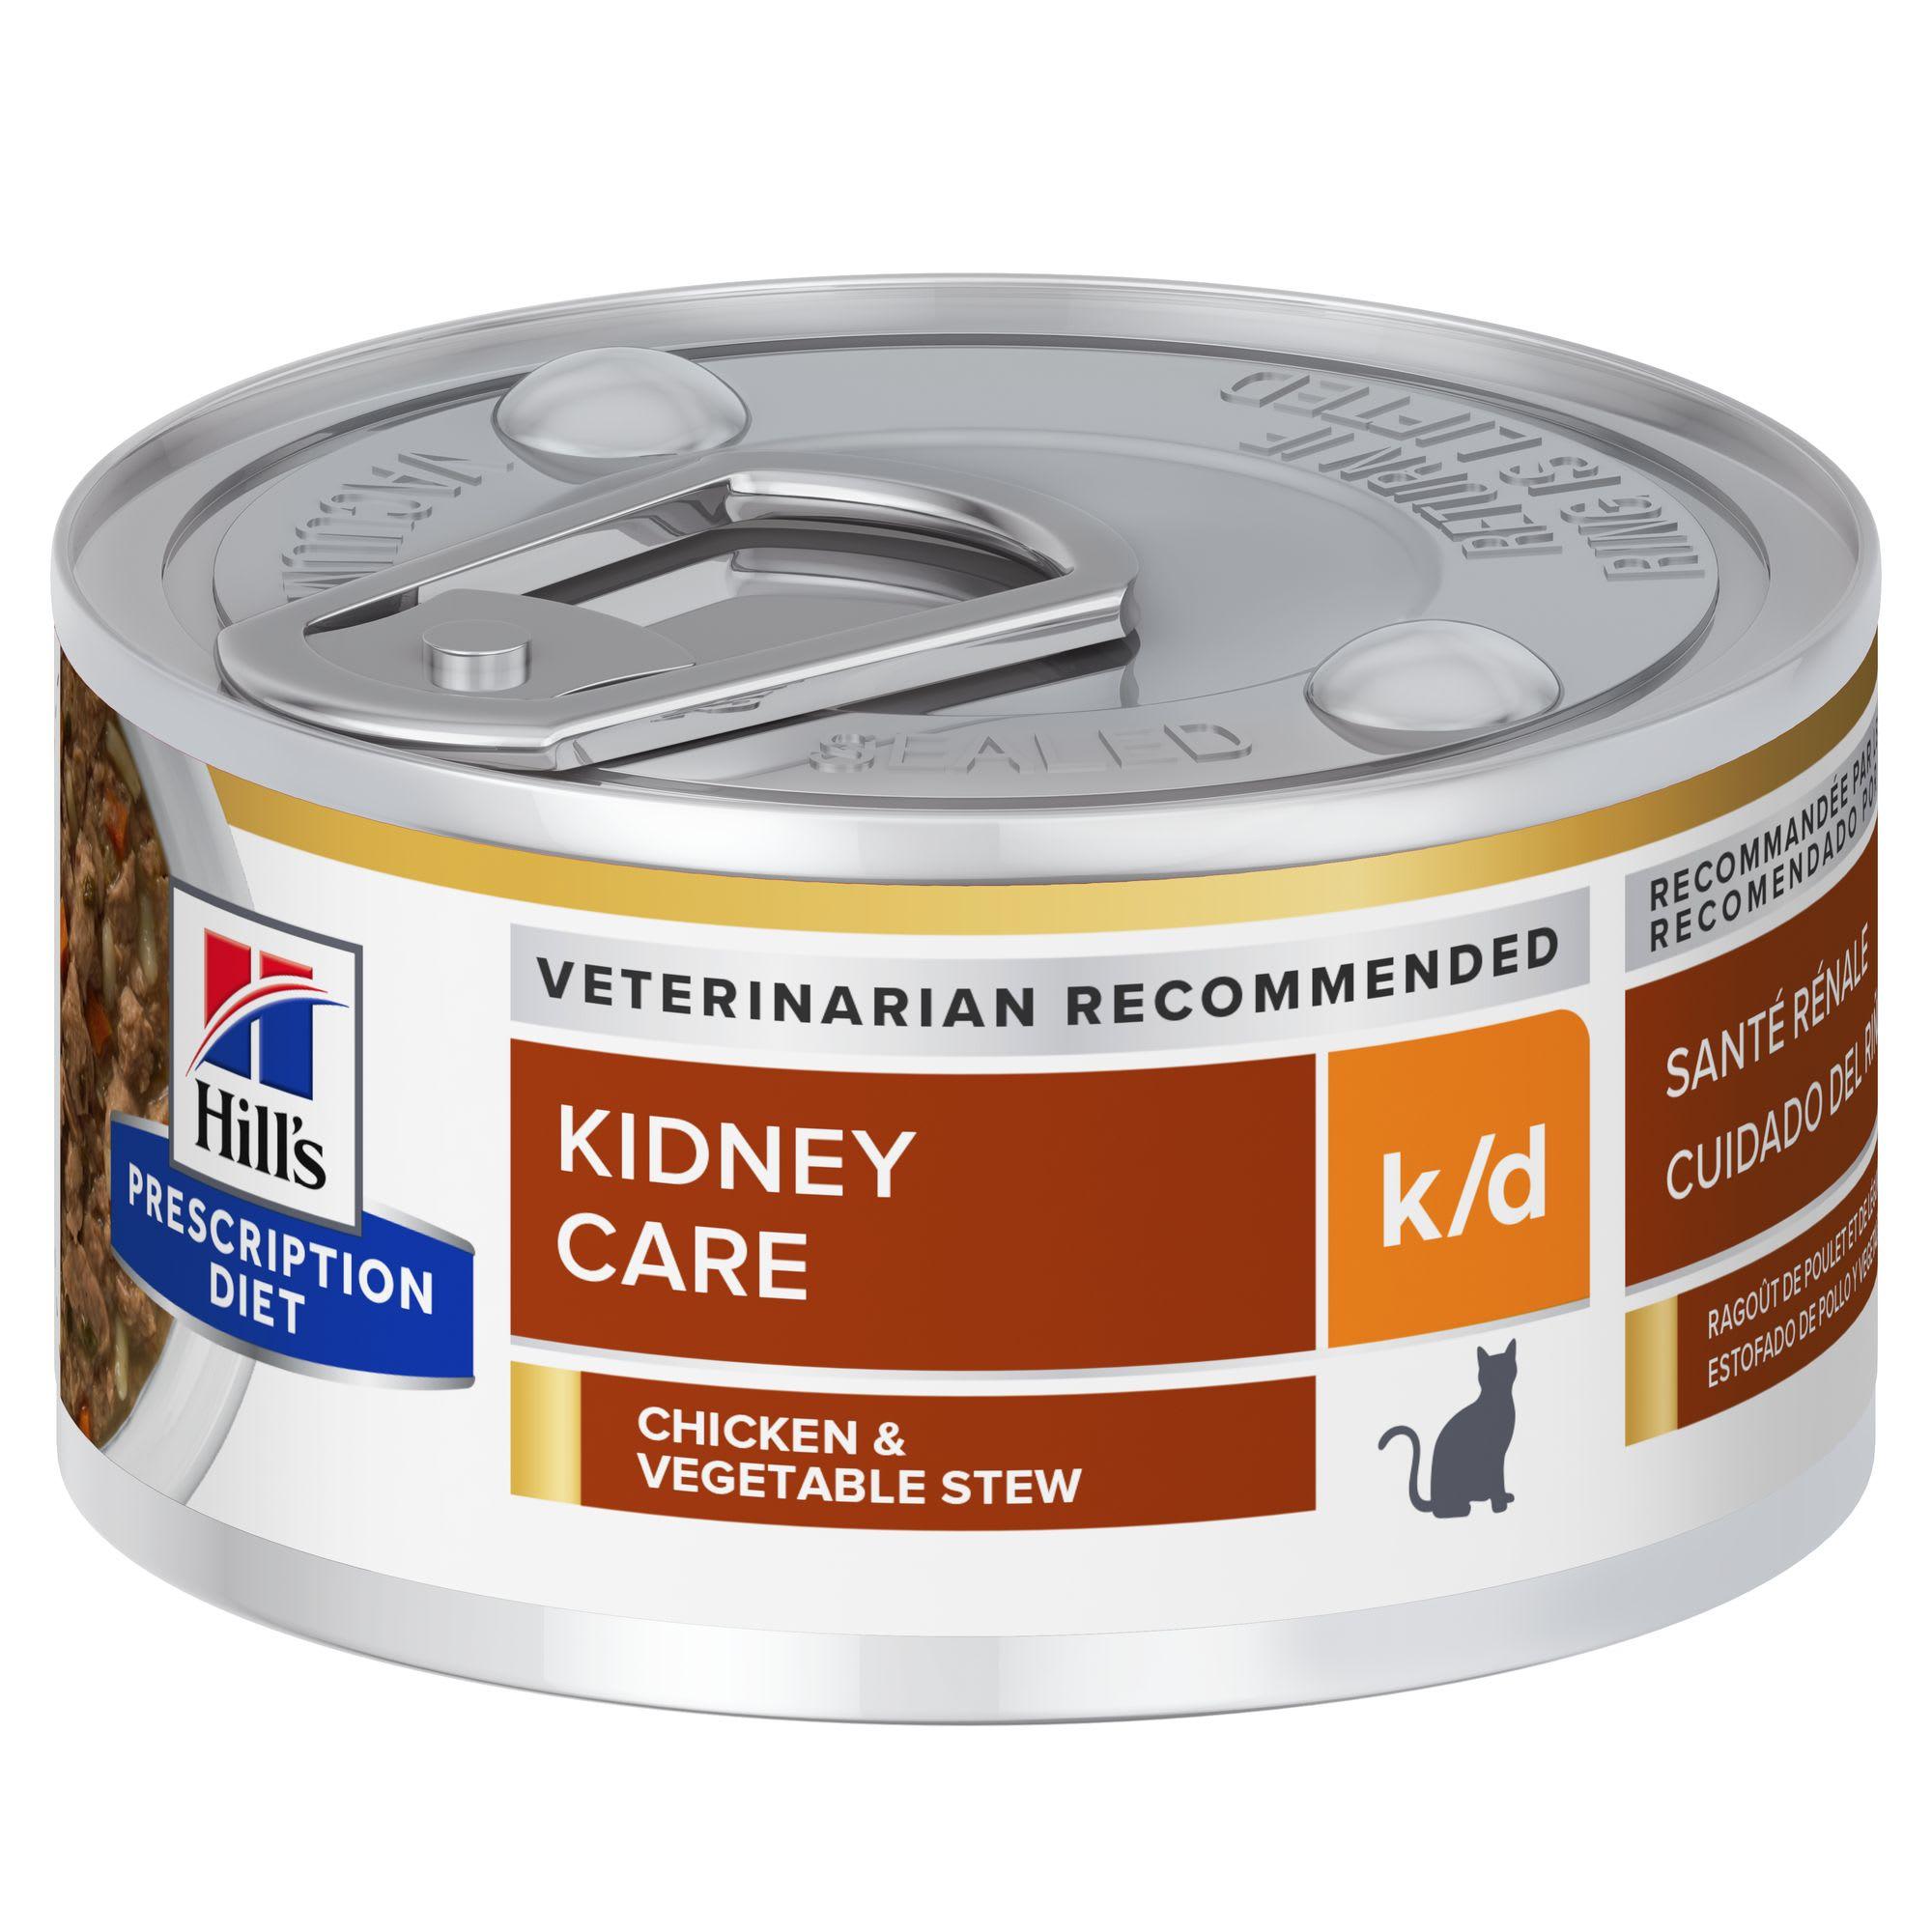 Kidney Care Chicken & Vegetable Stew